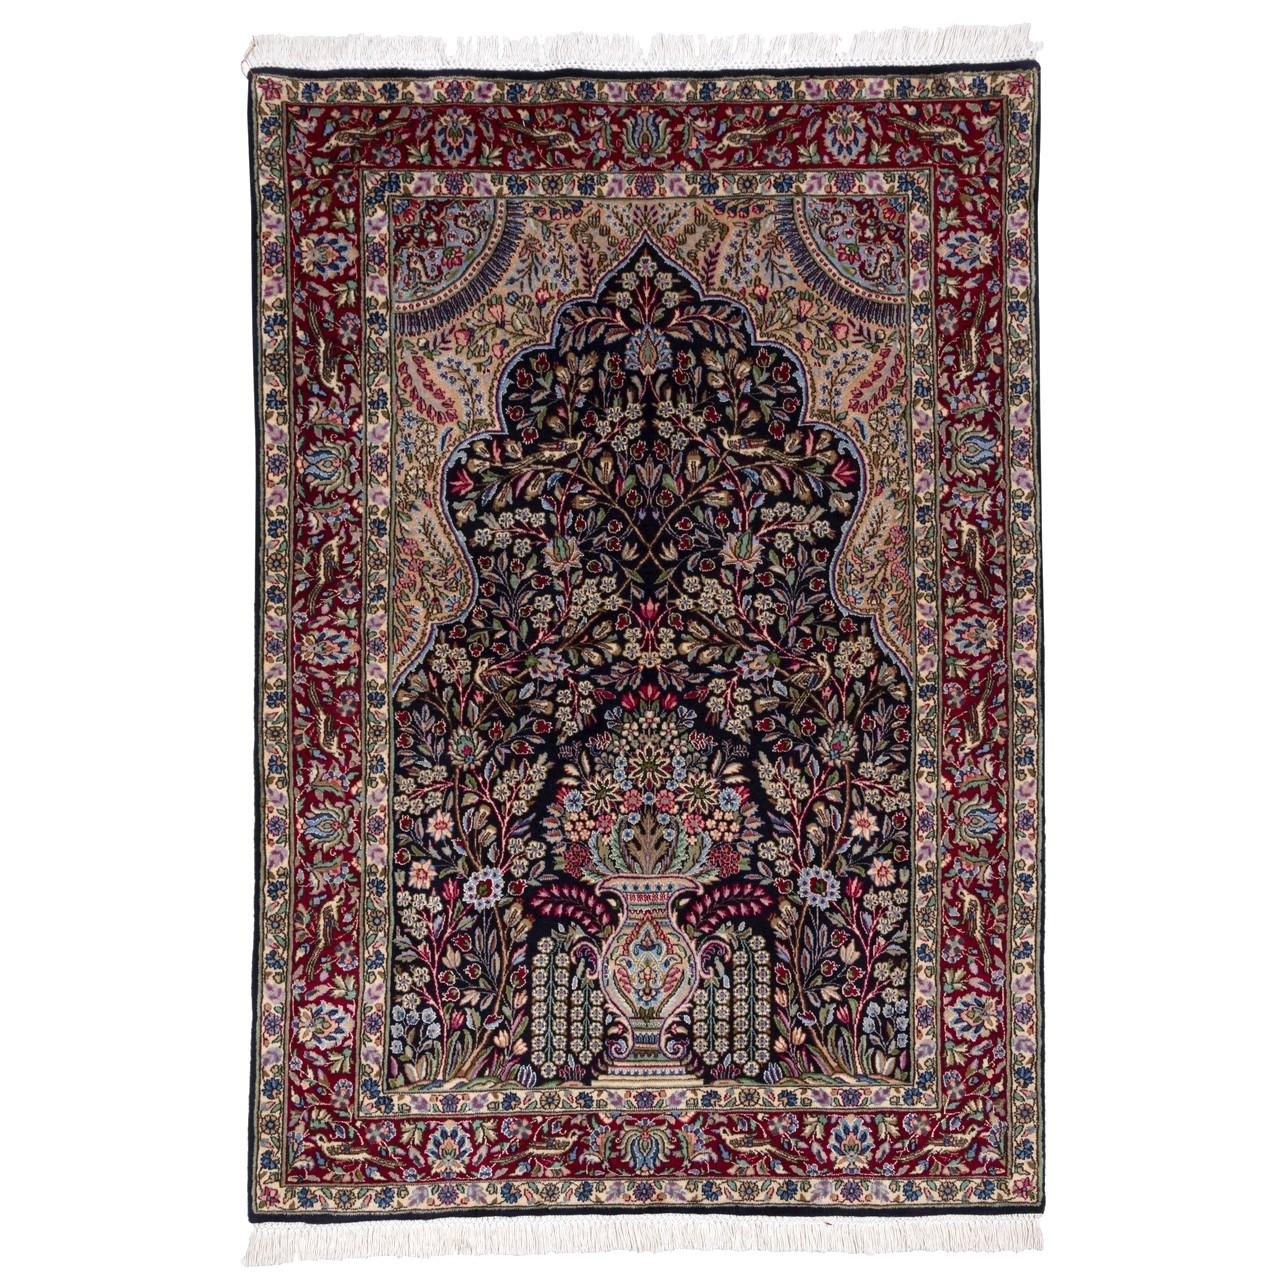 فرش دستباف قدیمی ذرع و نیم سی پرشیا کد 174318